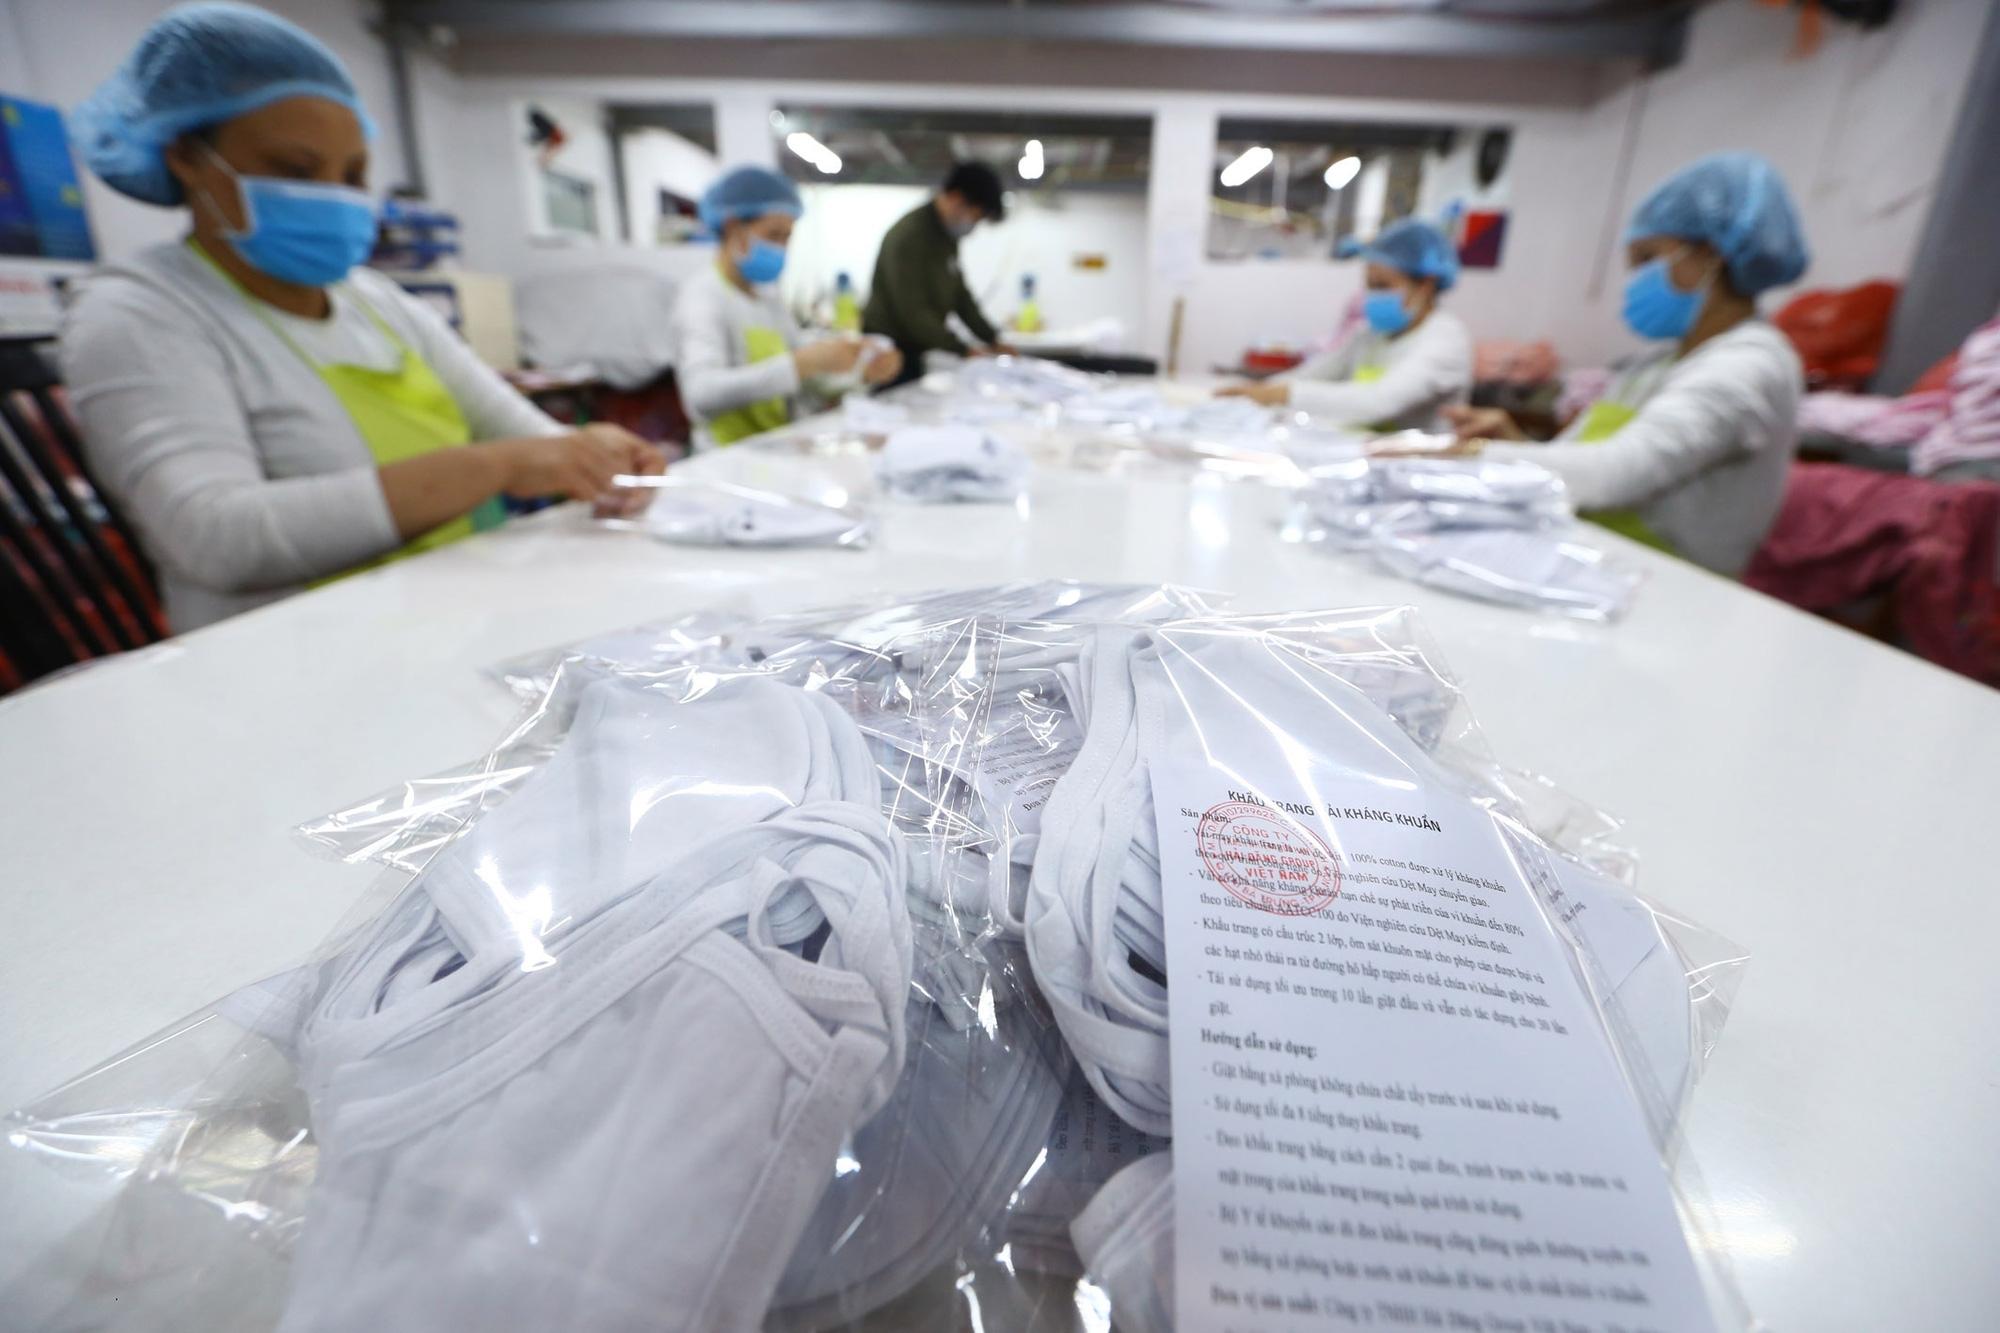 Bộ Y tế yêu cầu cung cấp giá khẩu trang, trang phục phòng chống dịch Covid-19